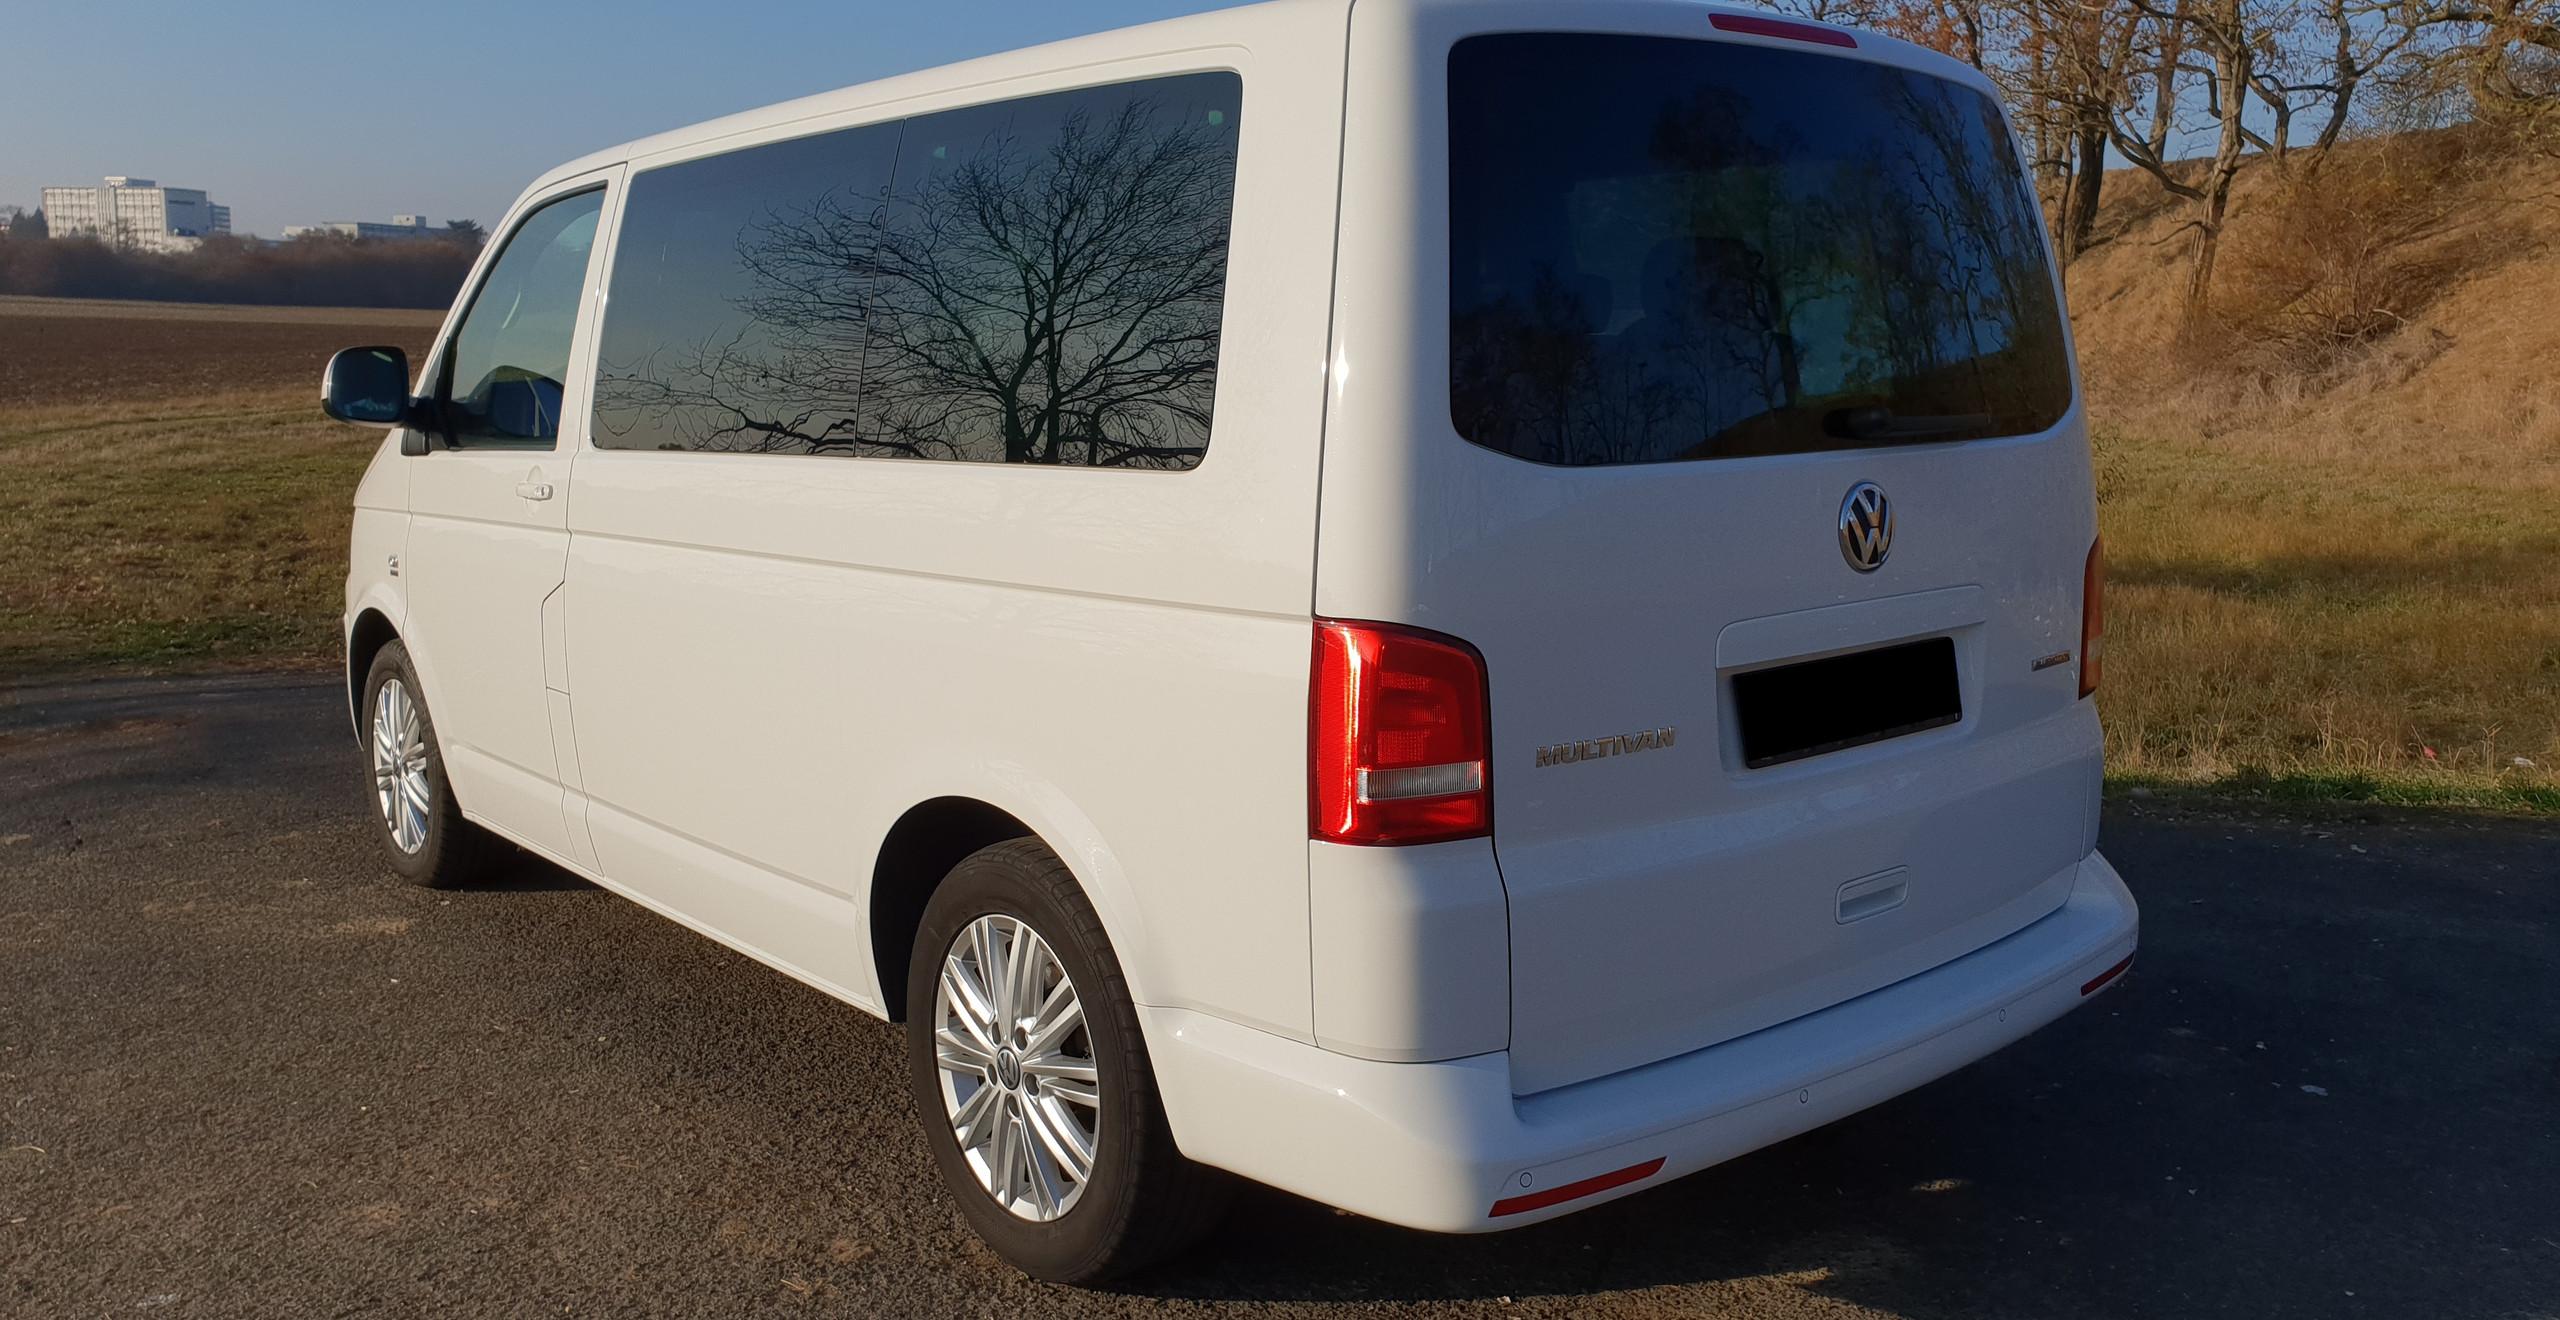 Import Auto Allemagne - Auto Convoi Allemagne - Volkswagen T5 Multivan Startline Bluemotion 2.0 TDI 140ch